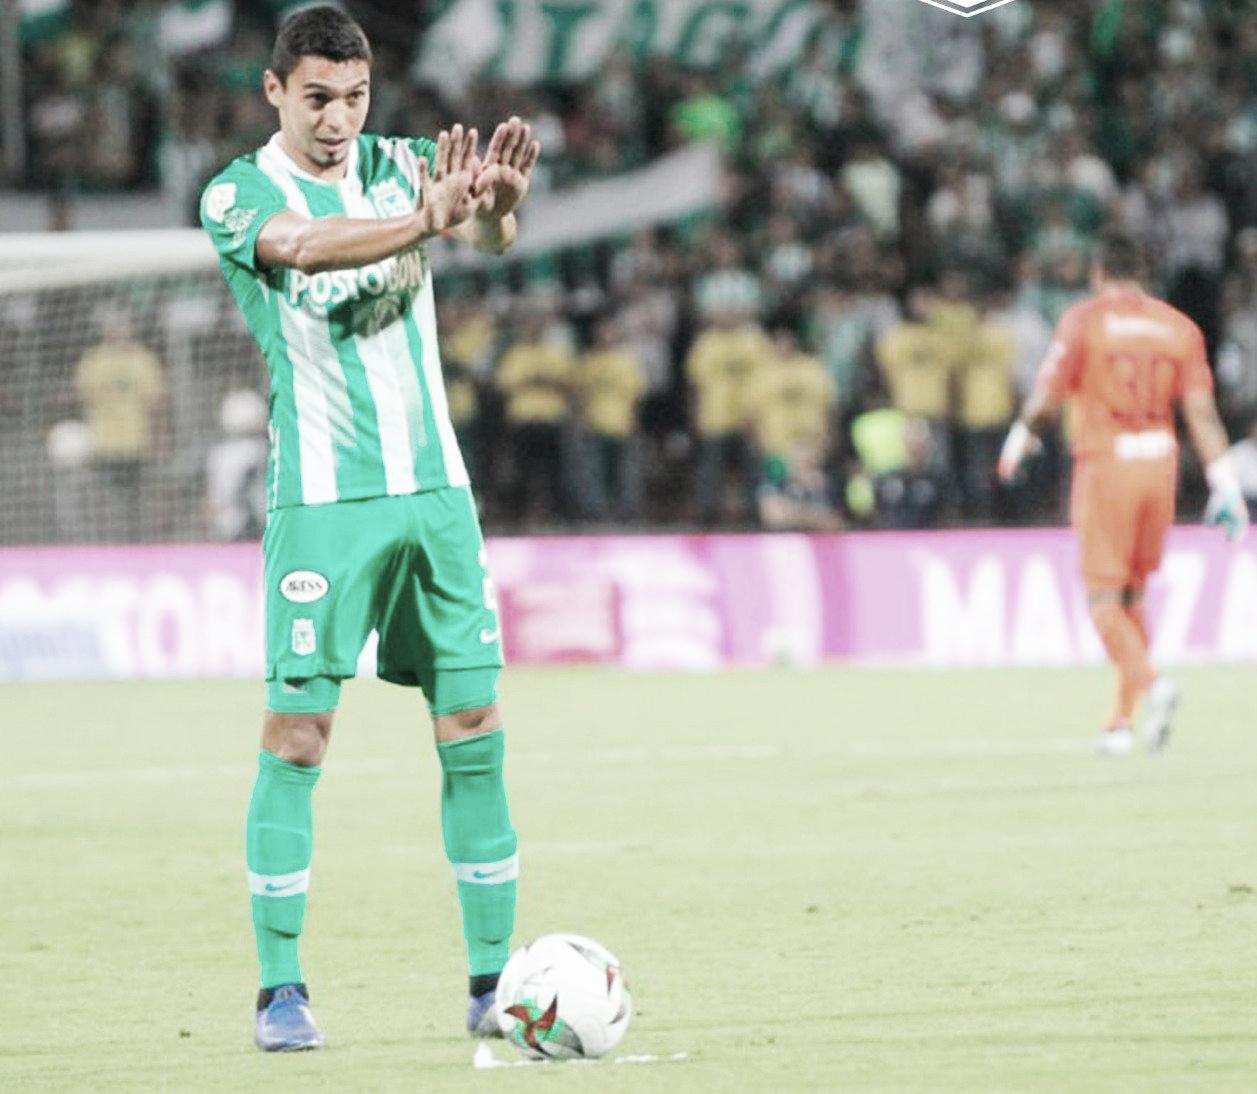 Regresó Bocanegra y Atlético Nacional logró solidez defensiva